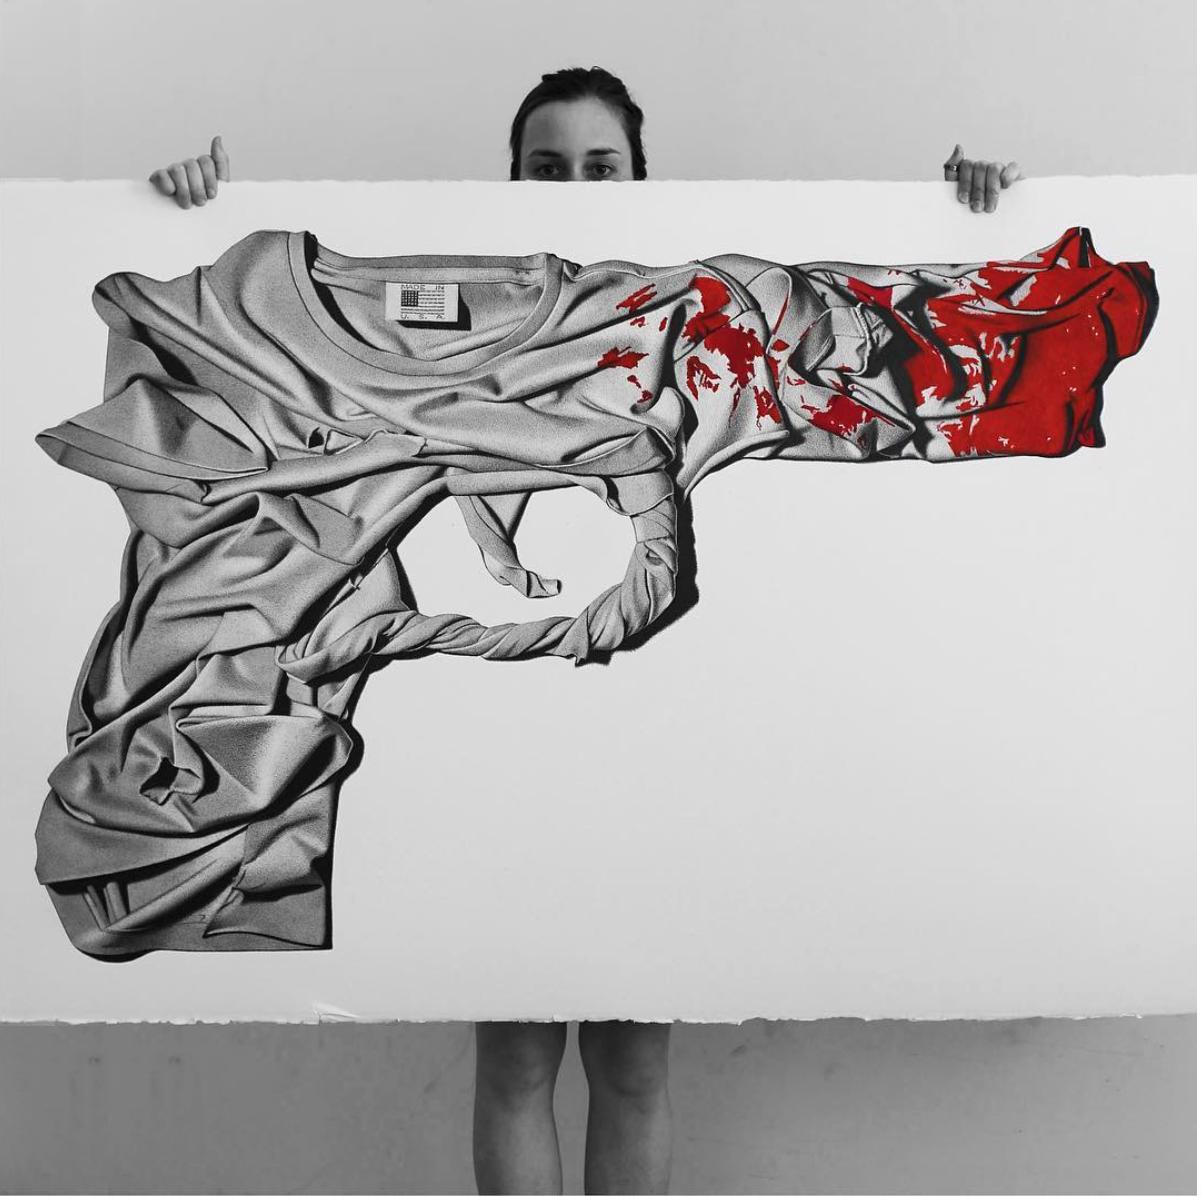 Orlando Gun Violence